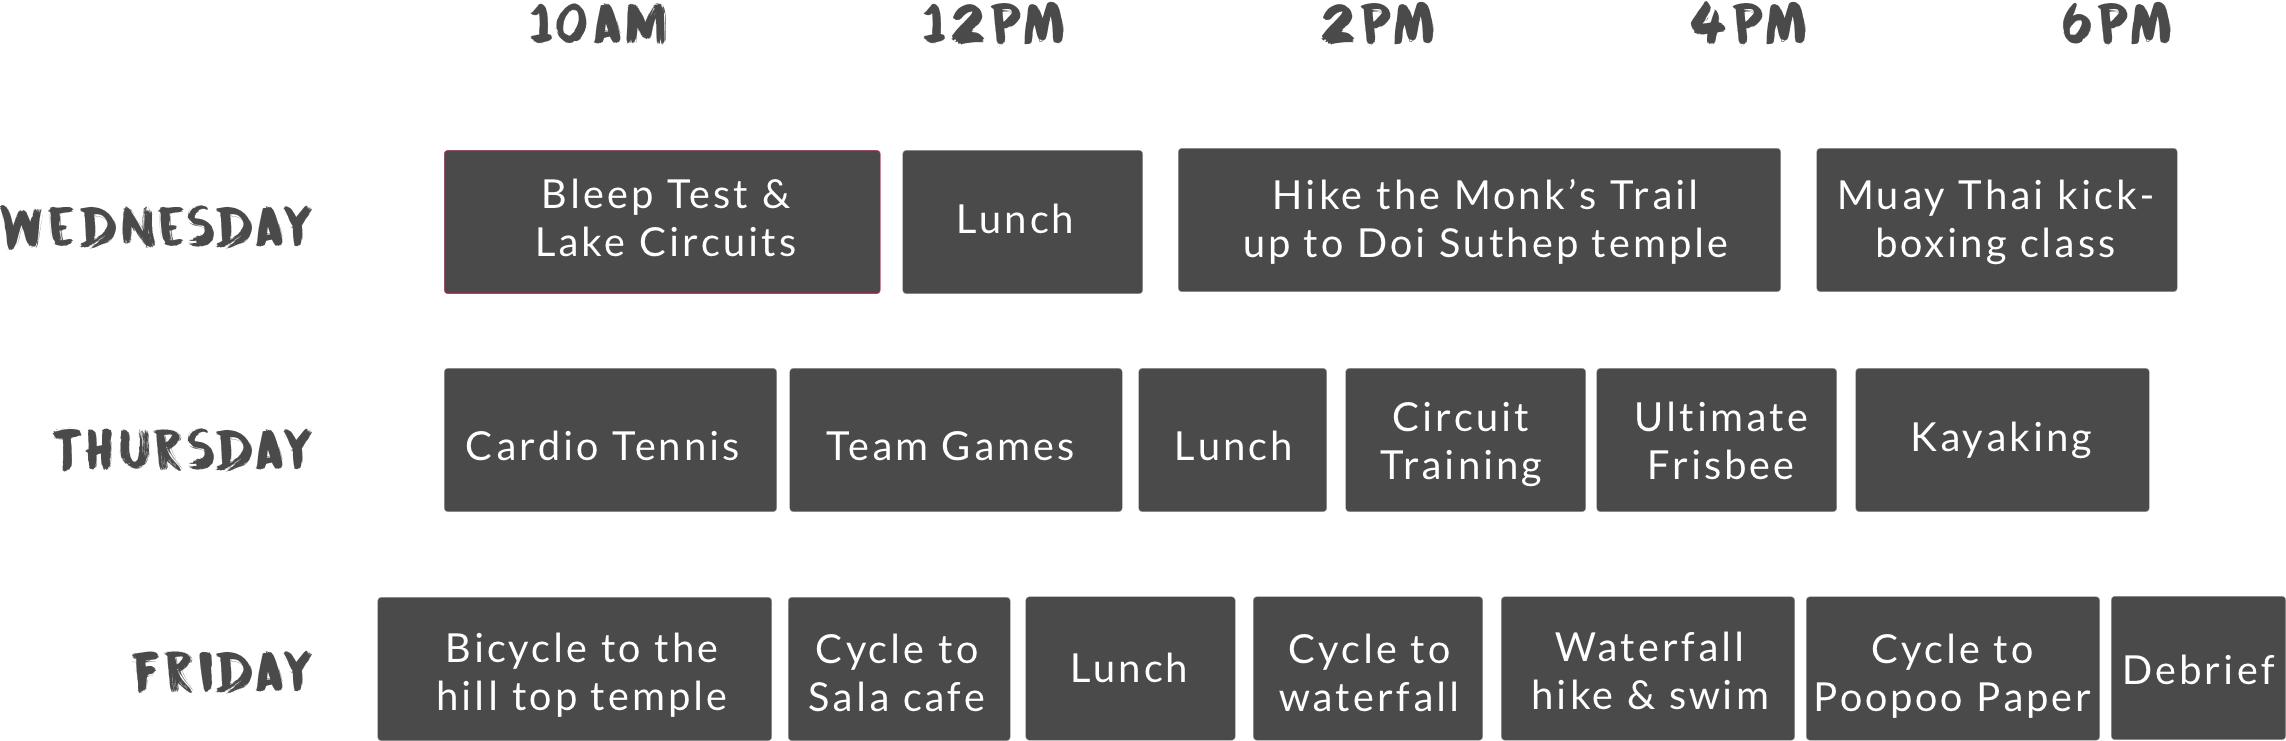 fitness bootcamp schedule.jpg